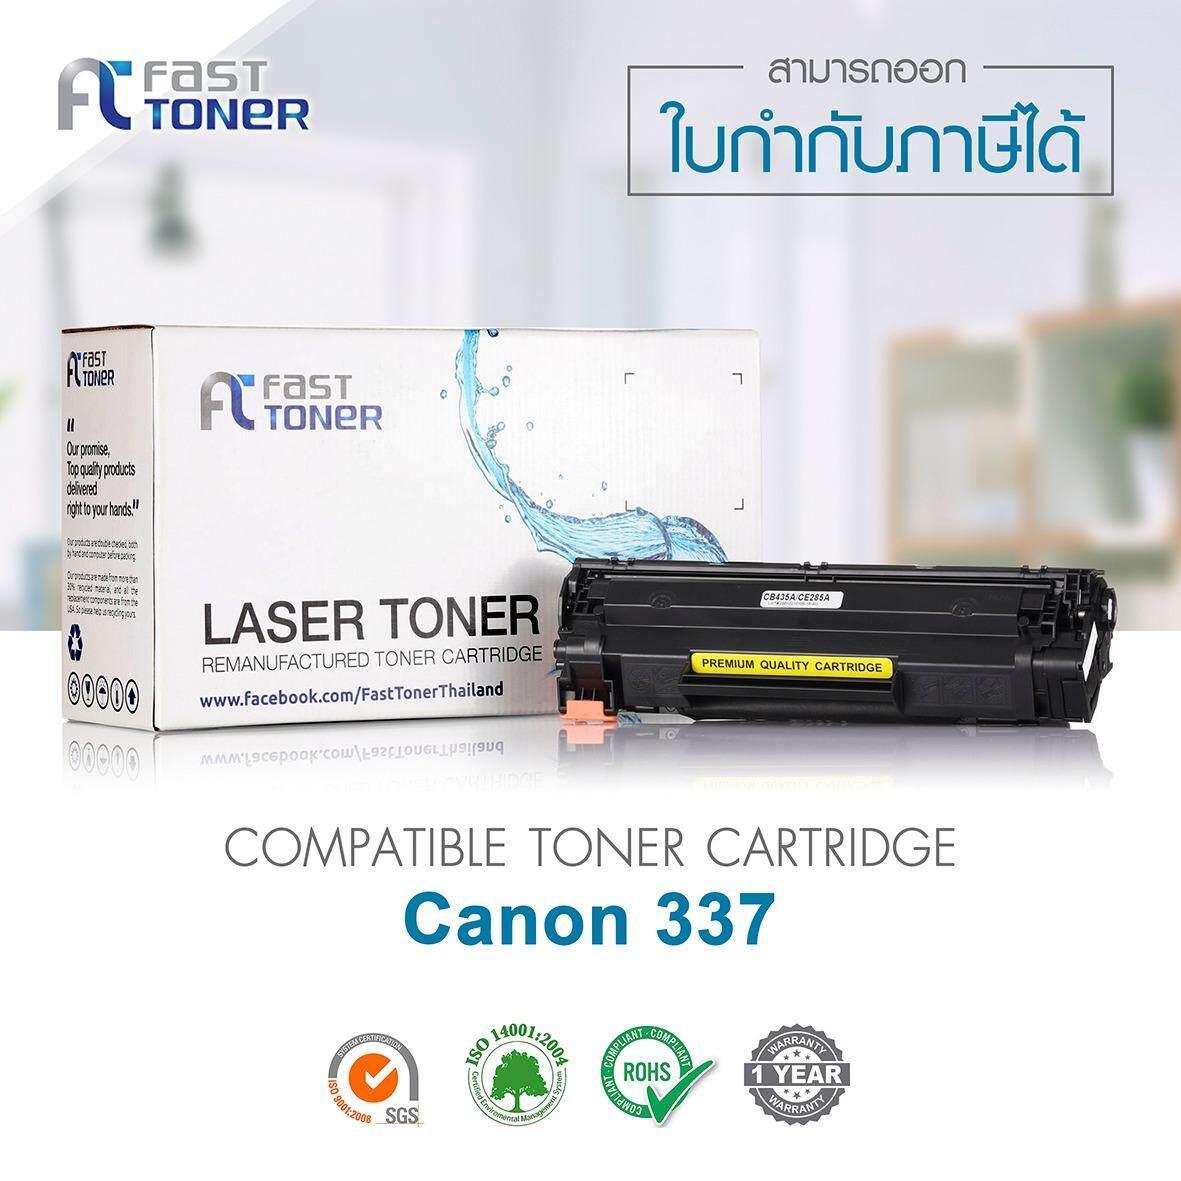 Canon 337 (BK) ใช้กับปริ้นเตอร์ Canon MF210/MF211/MF212w/MF221d/MF215/MF217w/MF220/MF226dn/MF232w/235/MF237w/MF241d/MF244dw/MF246dn/MF249dw -Fast Toner-